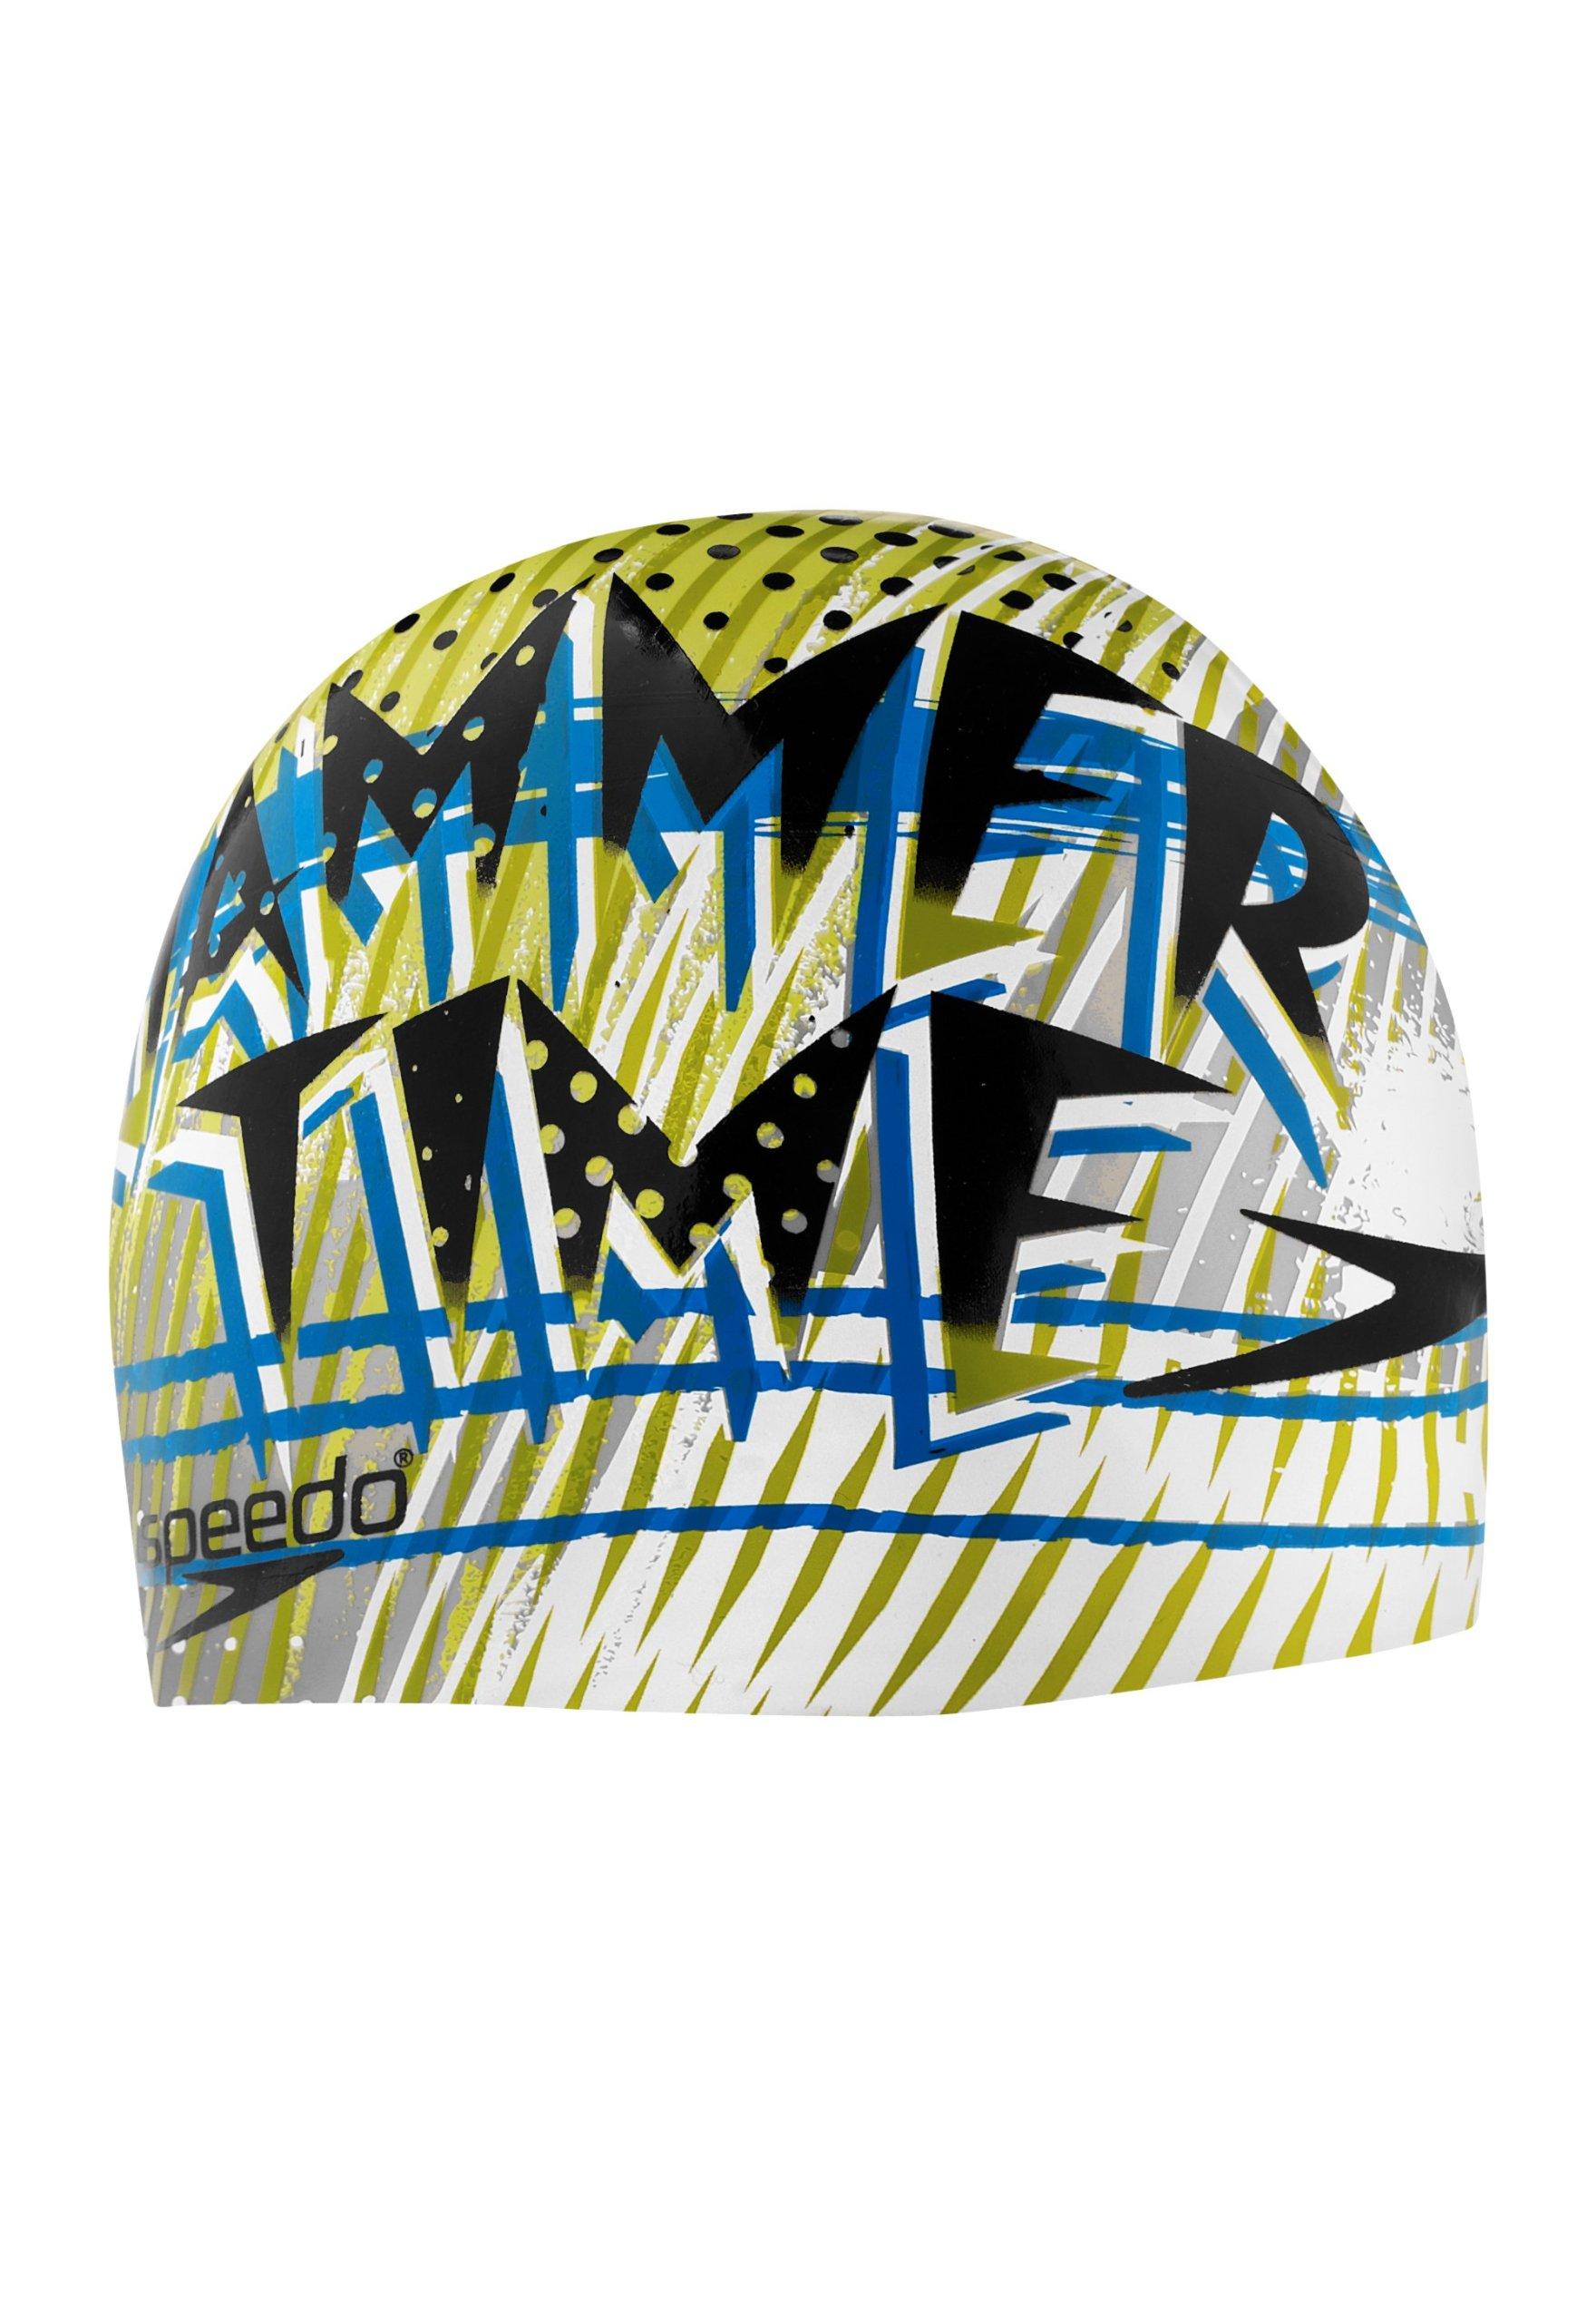 Speedo Silicone 'Jammer Time' Swim Cap, Black